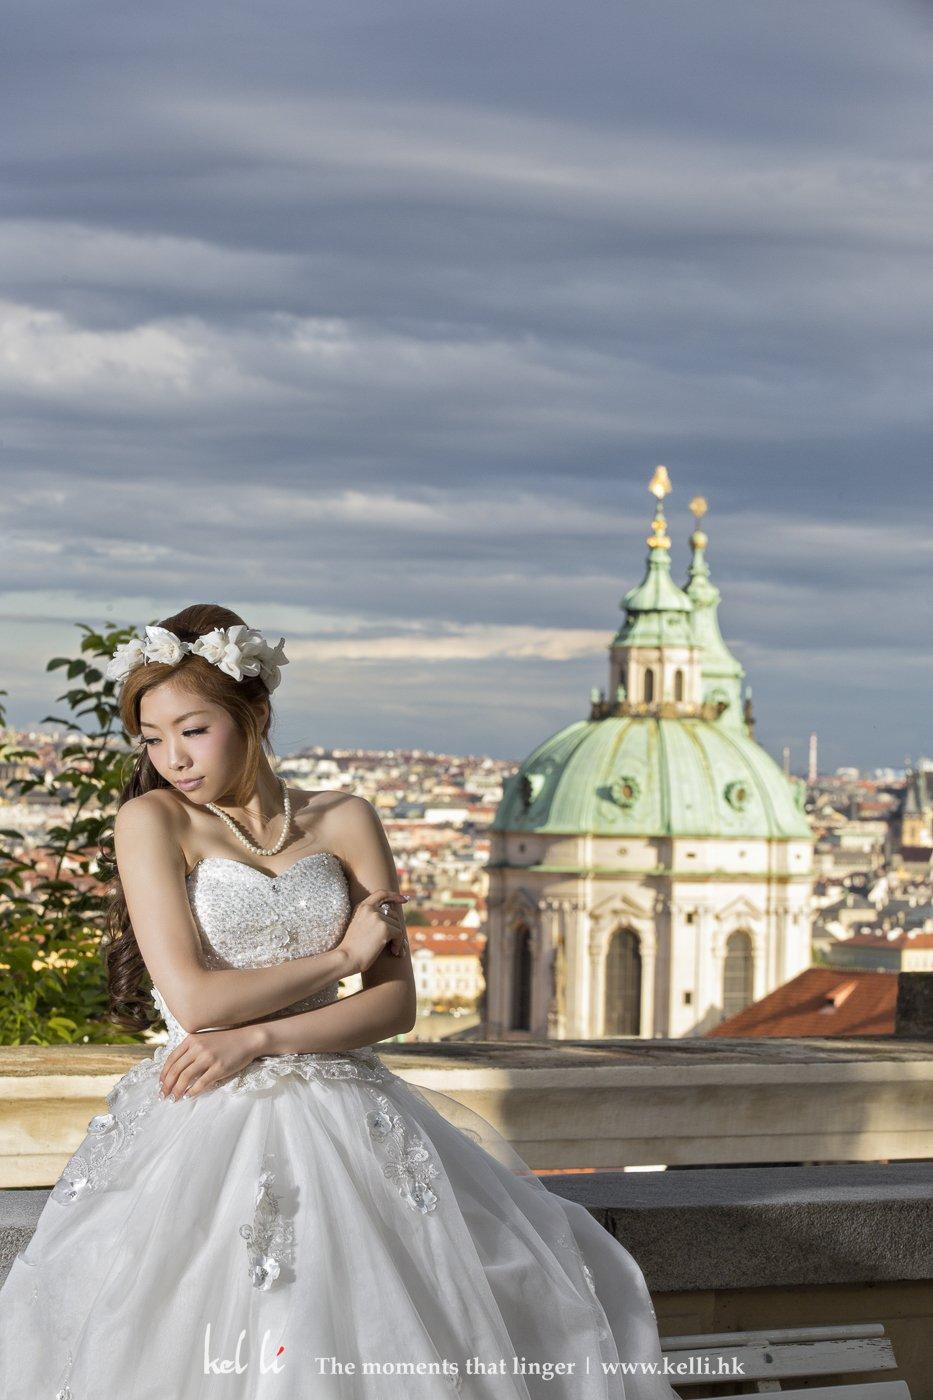 有层次的云再配合新娘子的表情, 带出富有味道的婚纱相